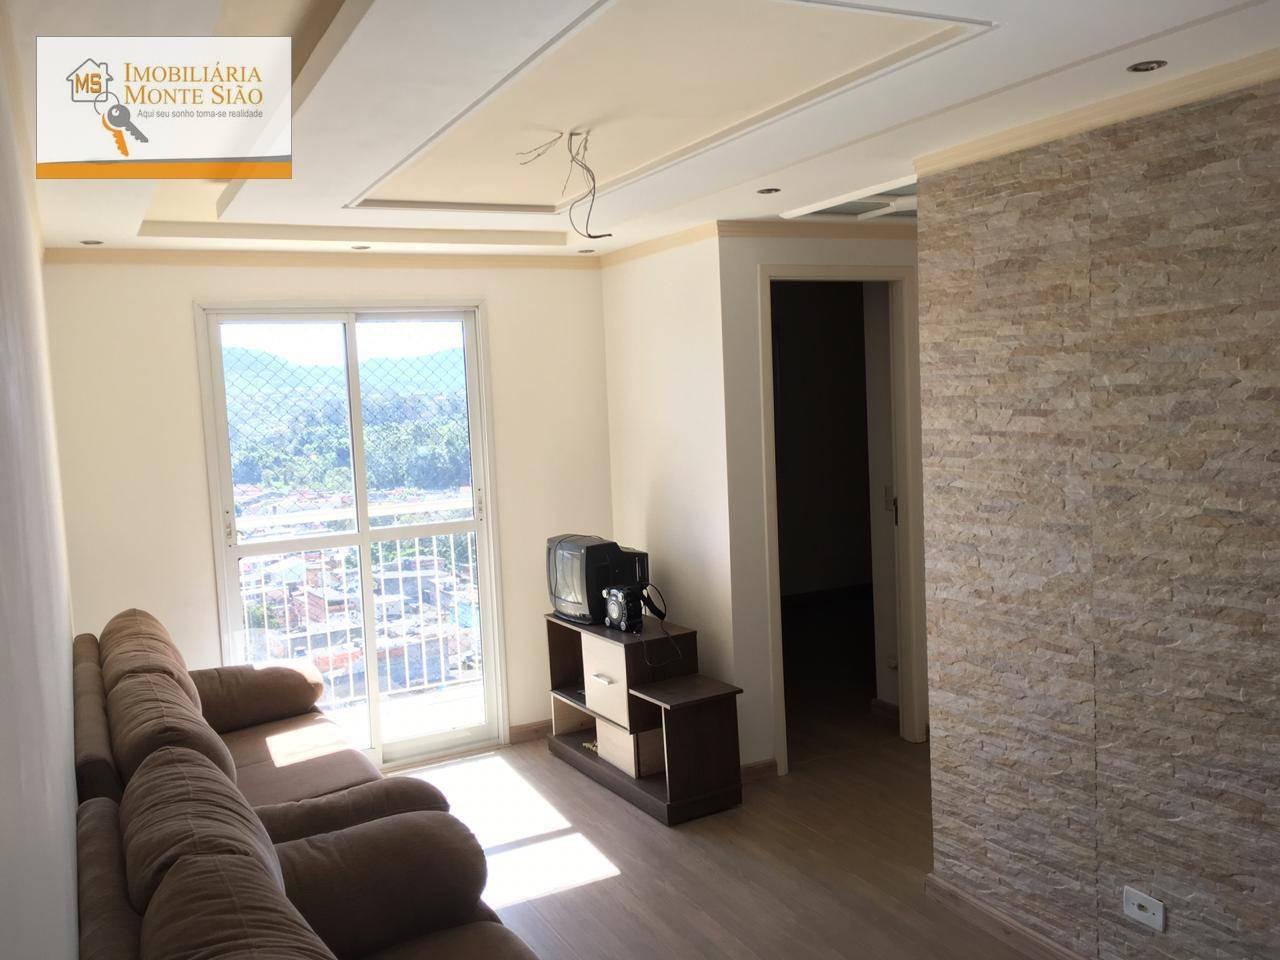 Apartamento com 2 dormitórios para alugar por R$ 1.500/mês - Jardim Capri - Guarulhos/SP